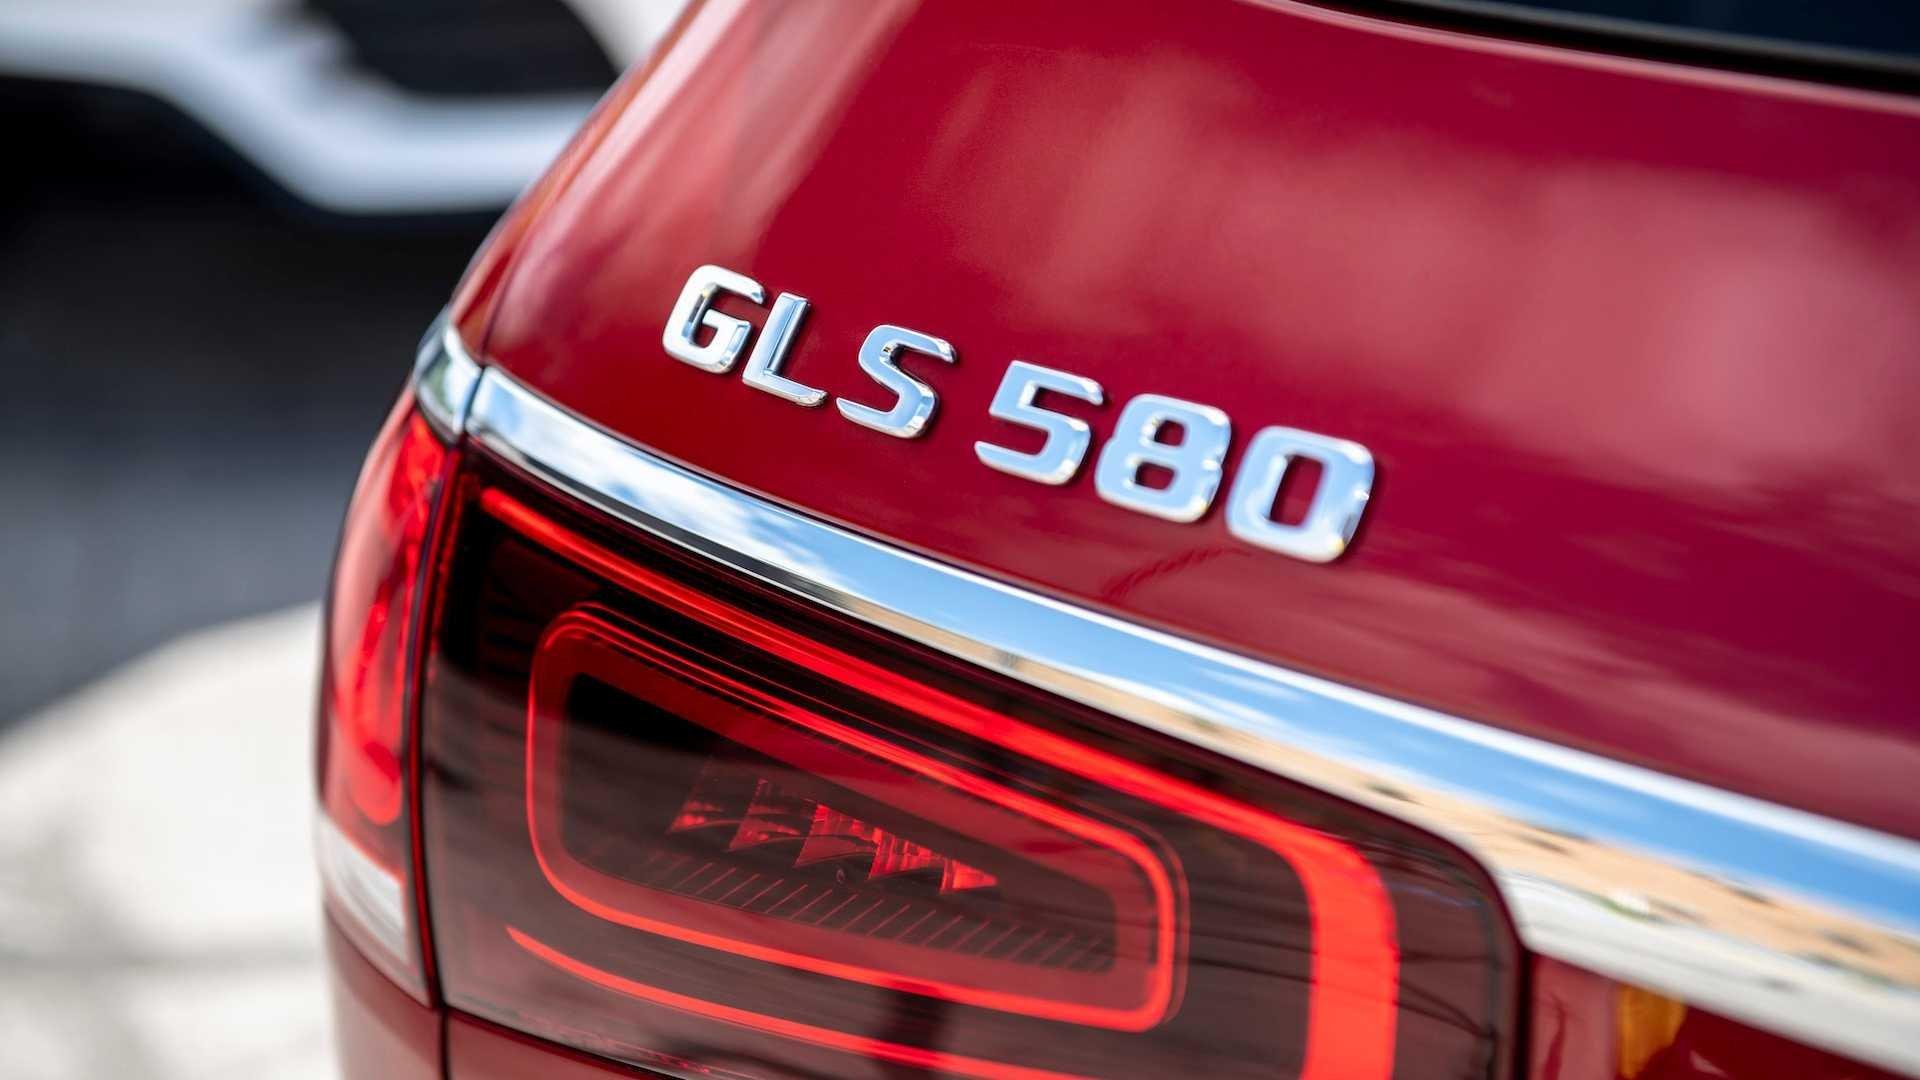 Logo GLS 580 Mercedes-Benz GLS-Class 2020.